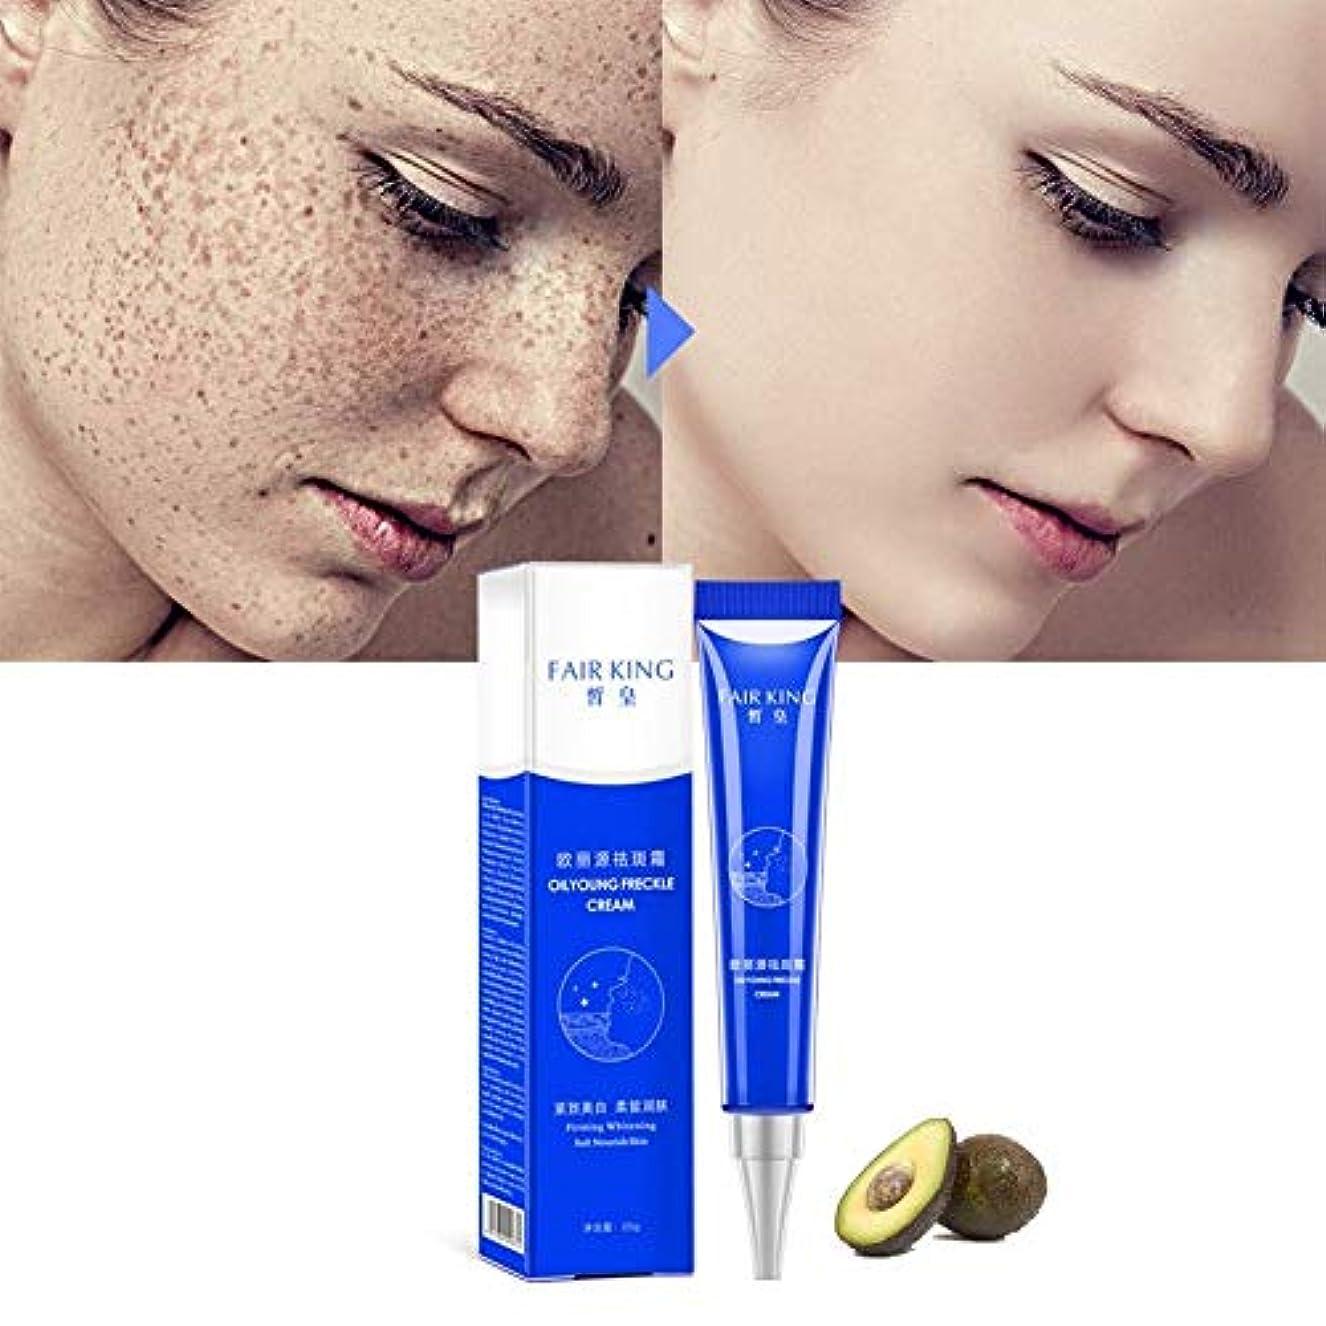 盗難一回マザーランド効果的な美白そばかすクリーム保湿は、黒ずみのにきび治療顔料メラニン美白スキンケアを削除します